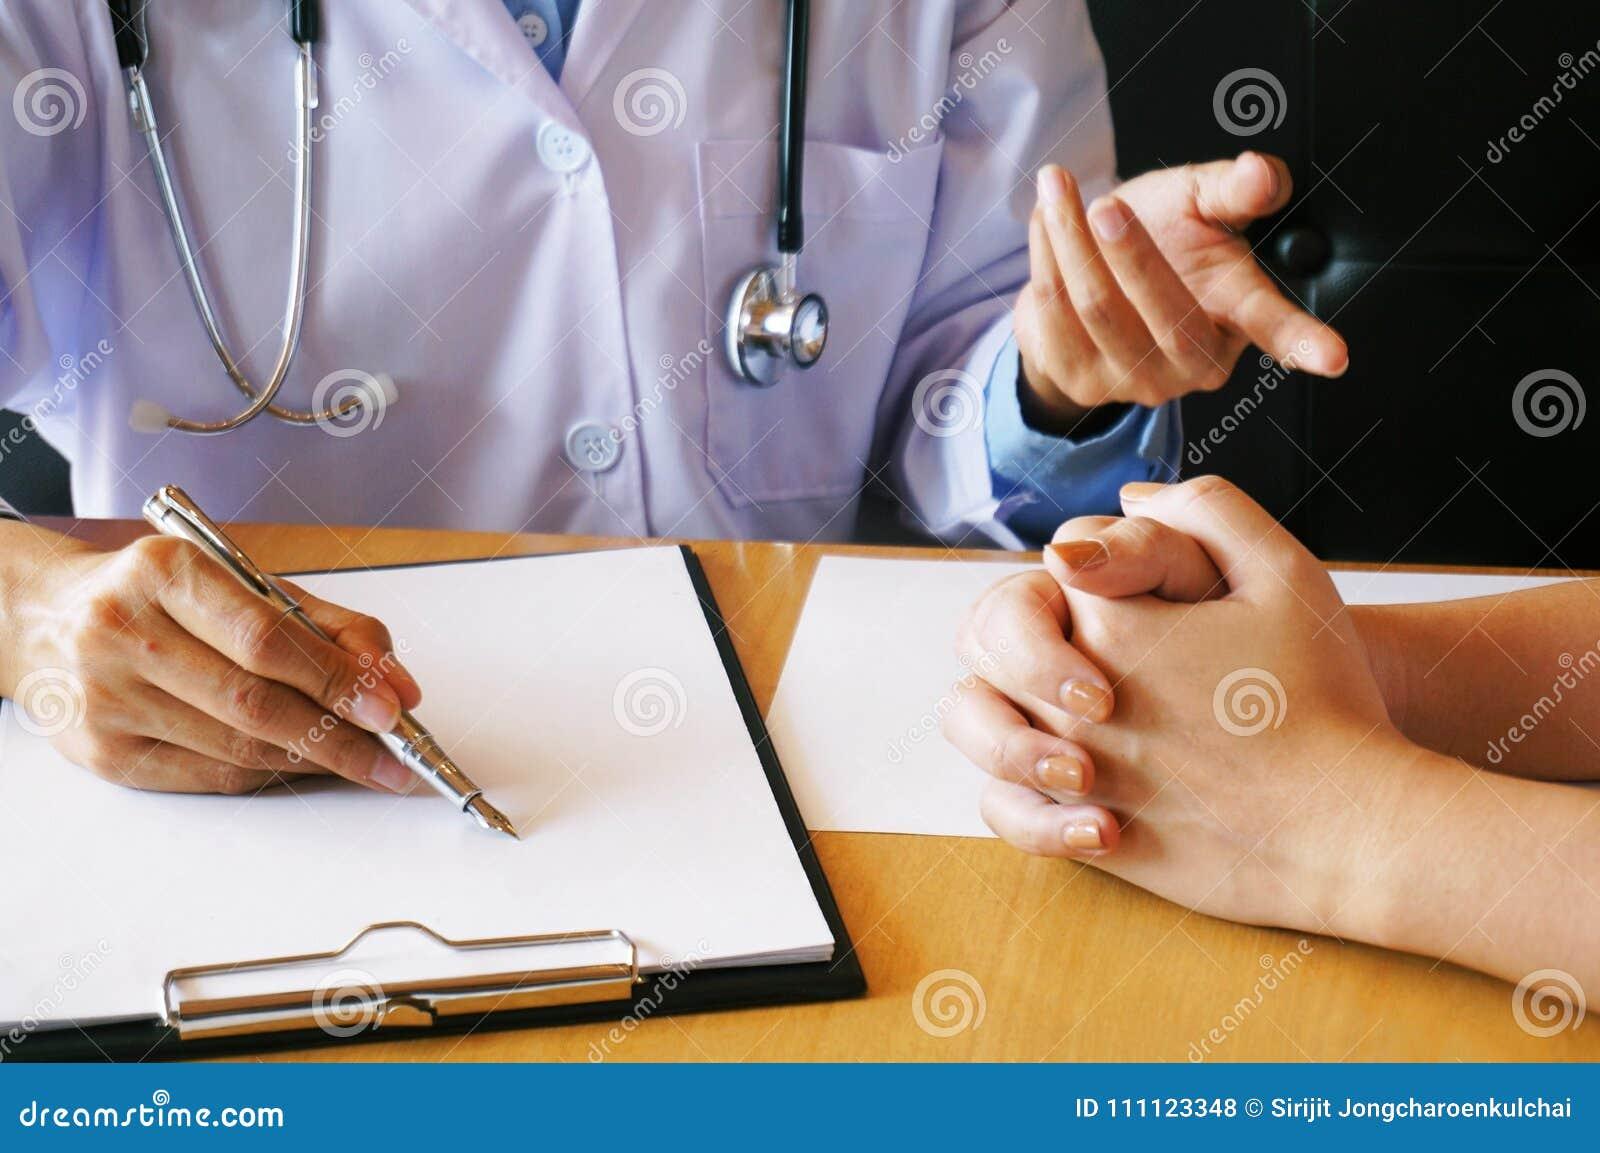 η υγεία προσοχής όπλων απομόνωσε τις καθυστερήσεις Επαγγελματικός ιατρός στην άσπρη ομοιόμορφη εσθήτα γ